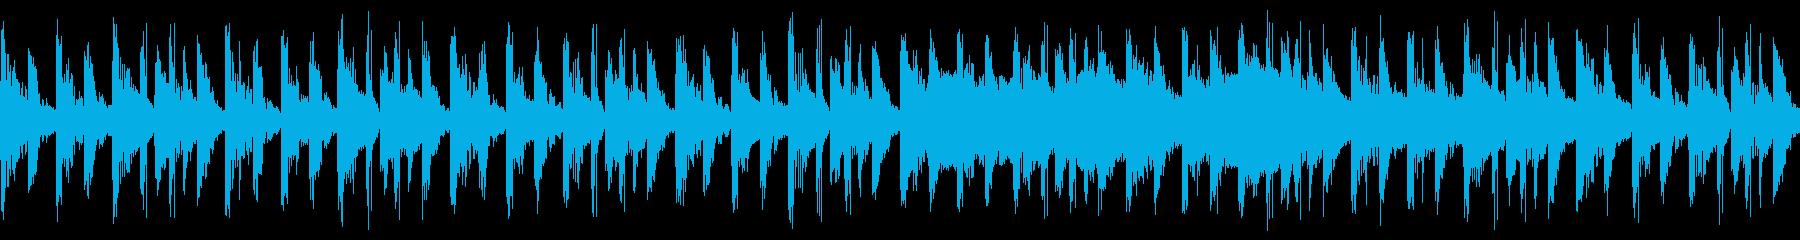 キャラ選択、システム画面など(ループ)2の再生済みの波形